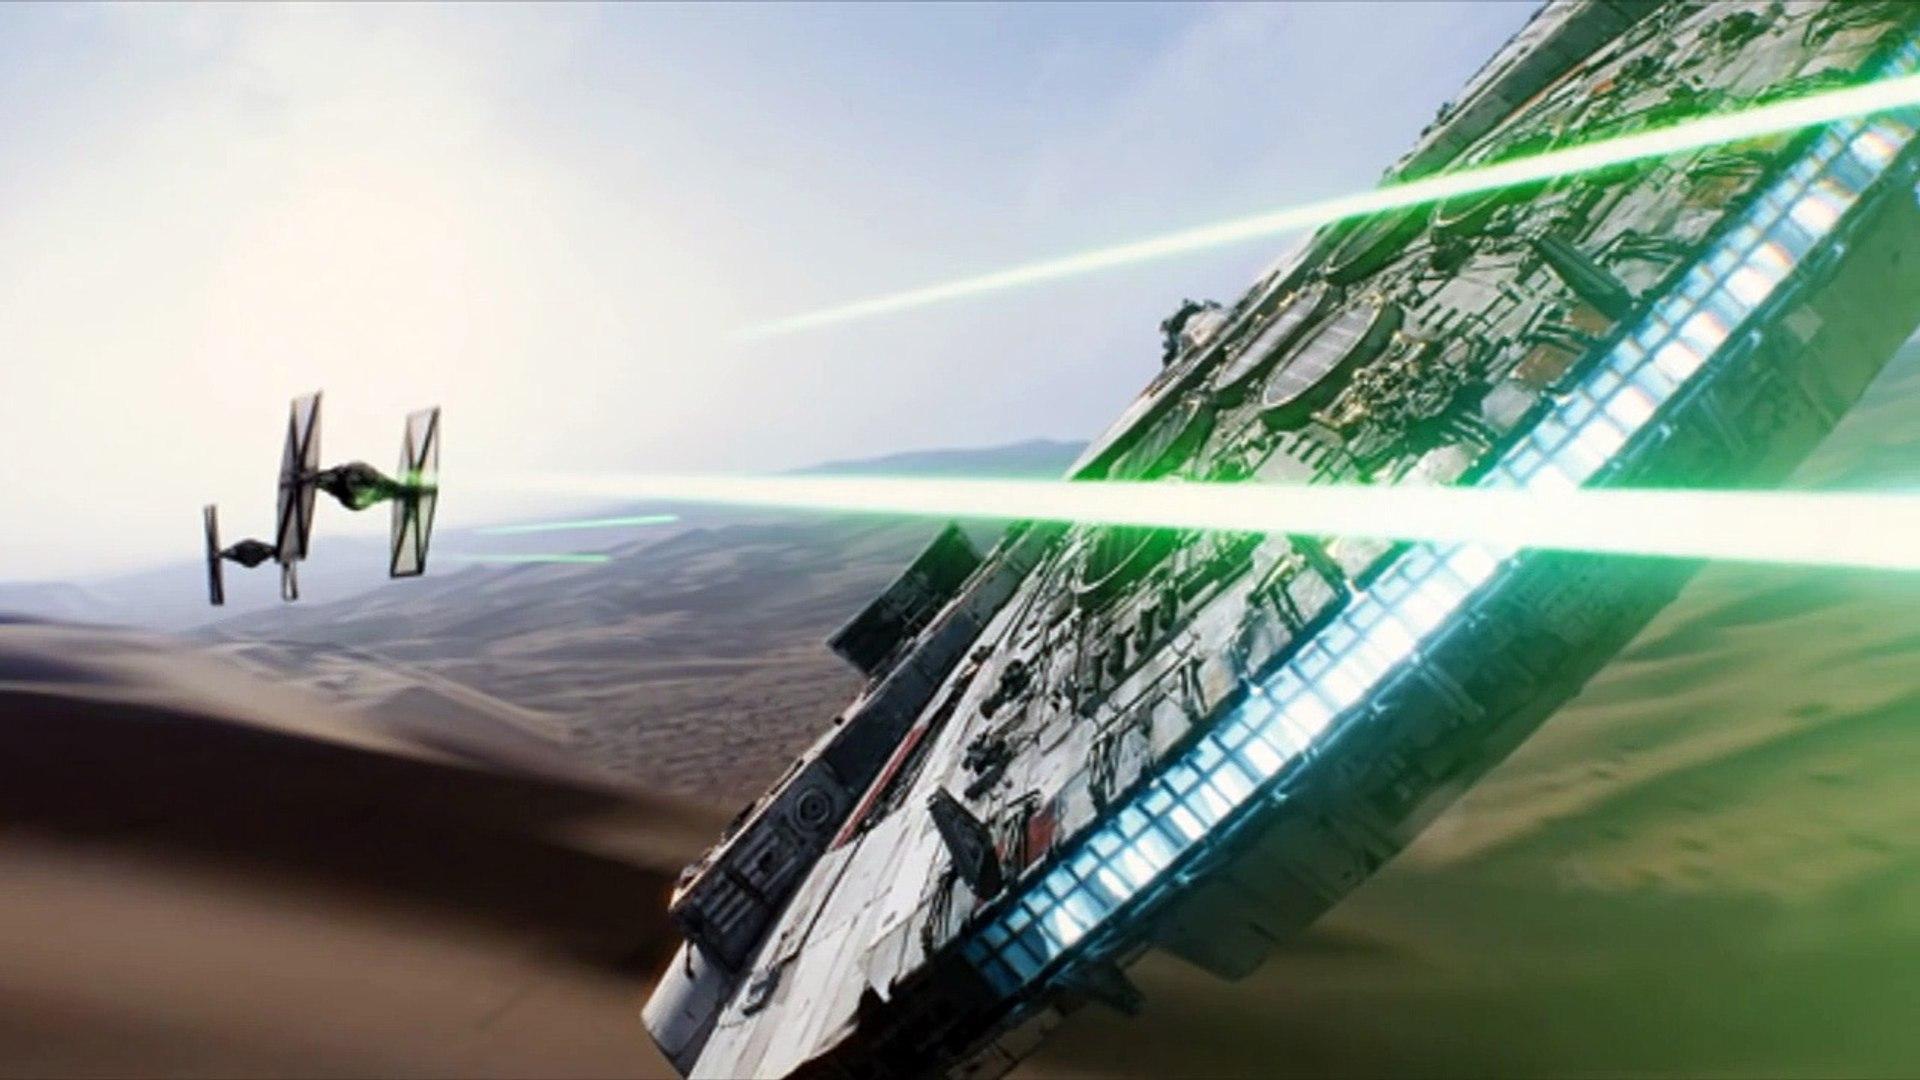 Qué Significan Todos los Colores de Rayos Blasters - Star Wars